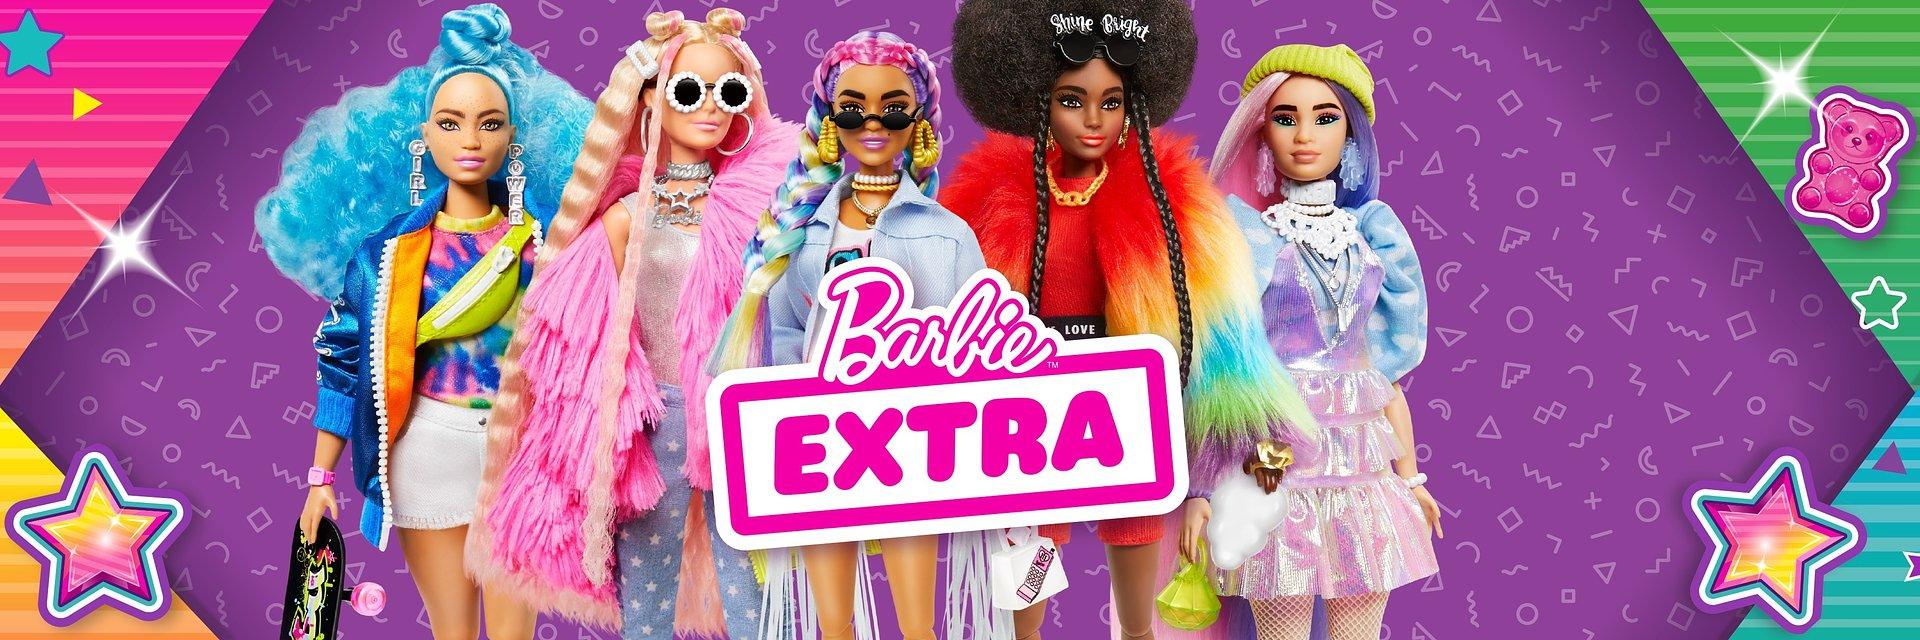 Barbie® EXTRA – baw się modą i pokaż swój styl